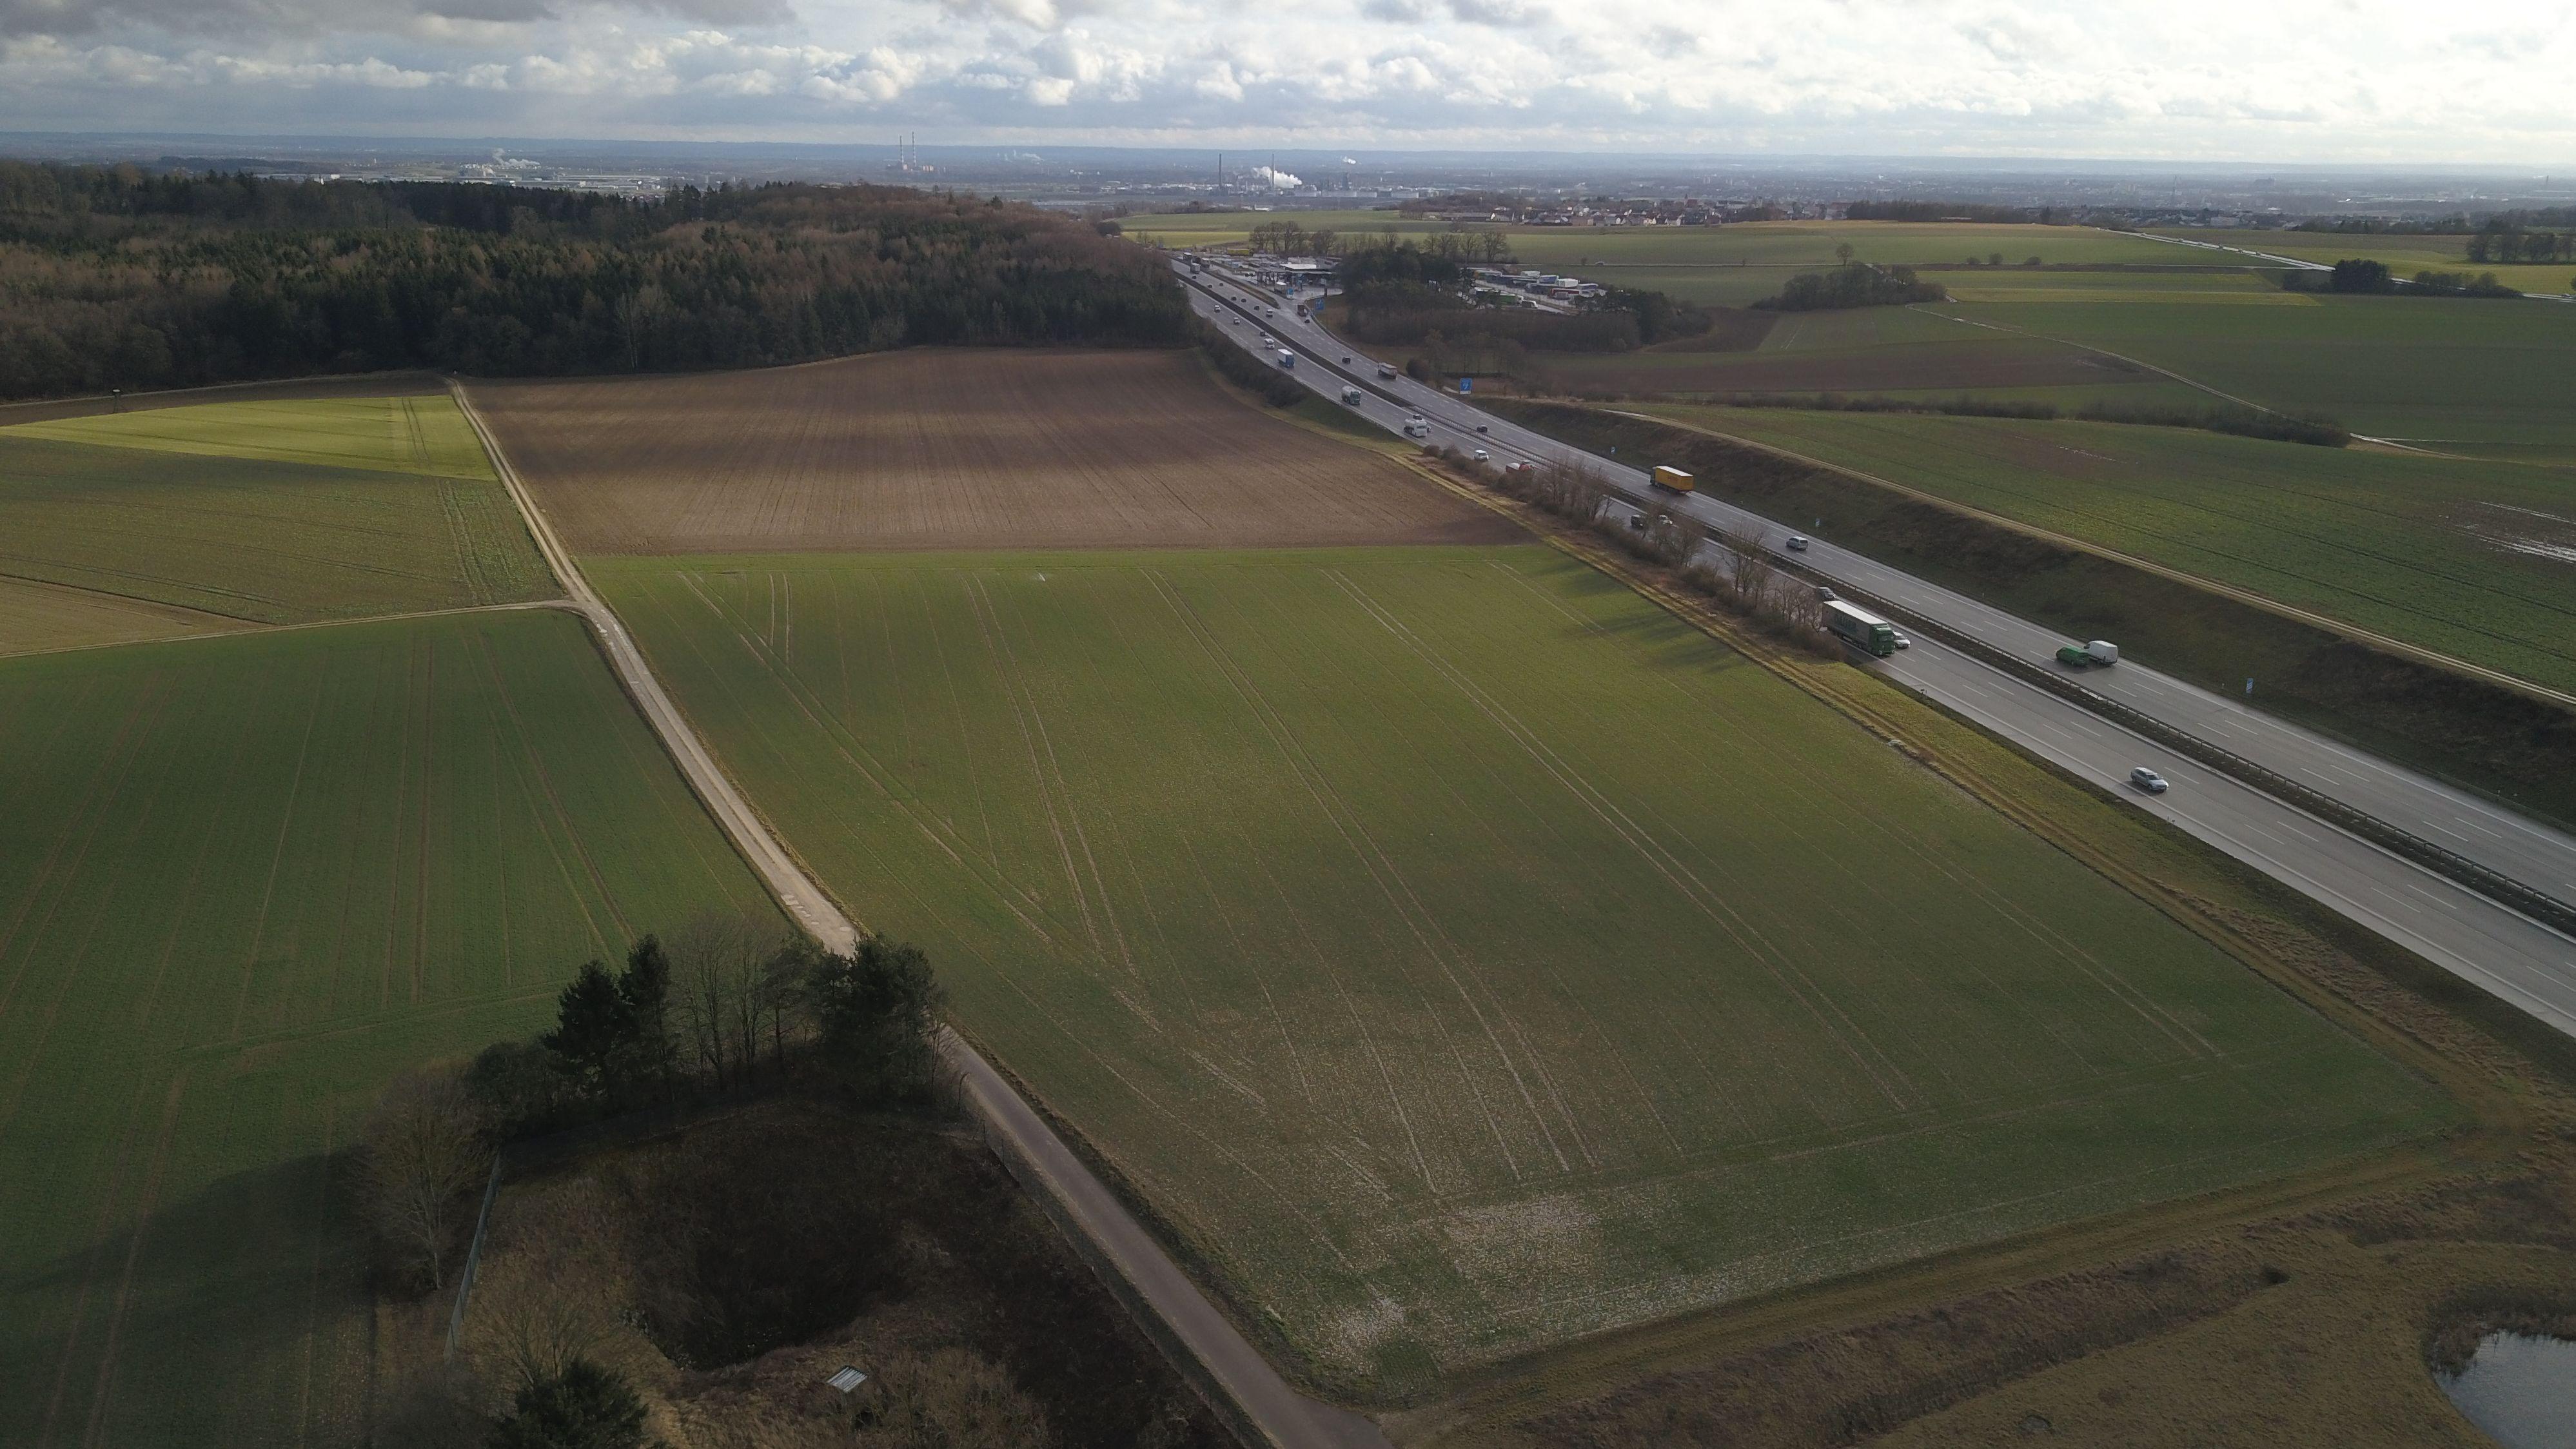 Auf dem Feld neben der A9 soll die neue Mastanlage errichtet werden. Blick von oben mit einer Drohne.